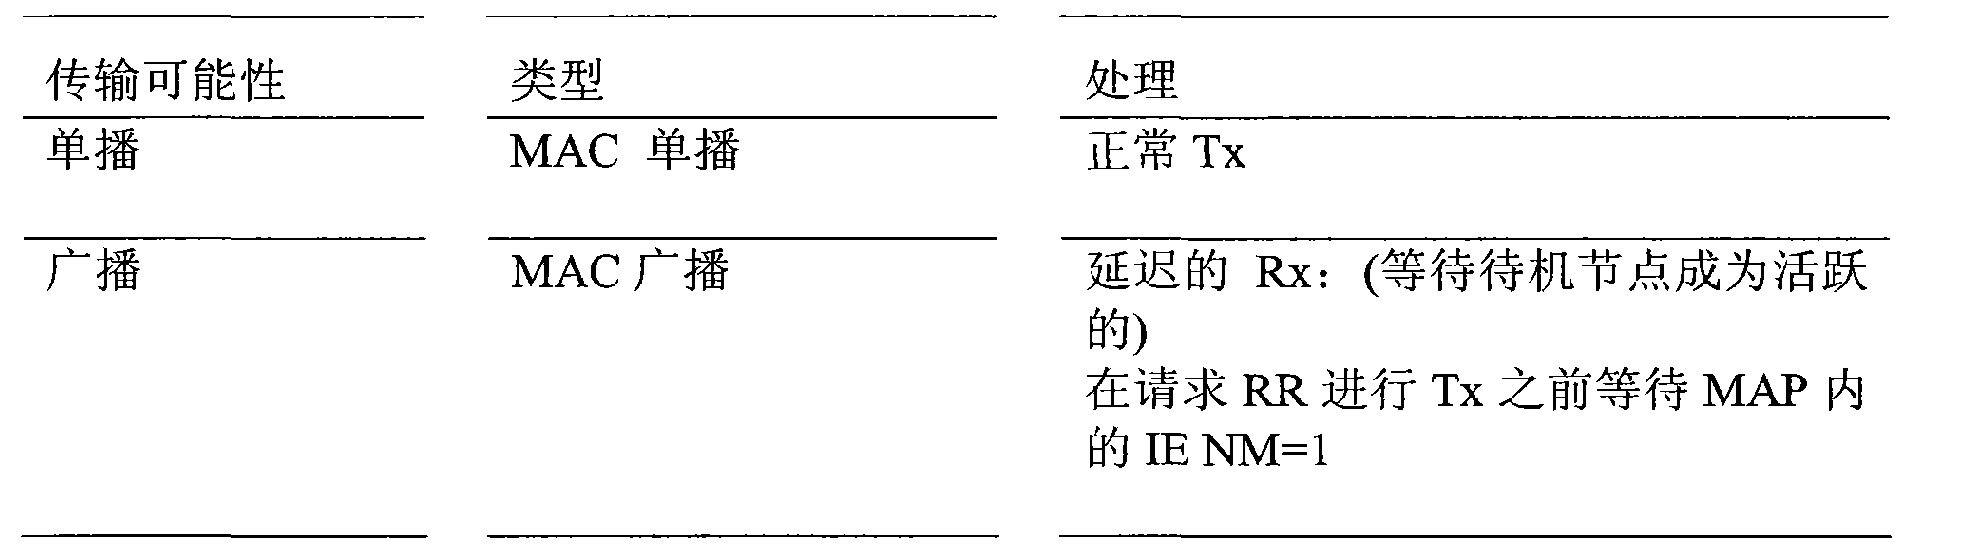 Figure CN102098193BD00161